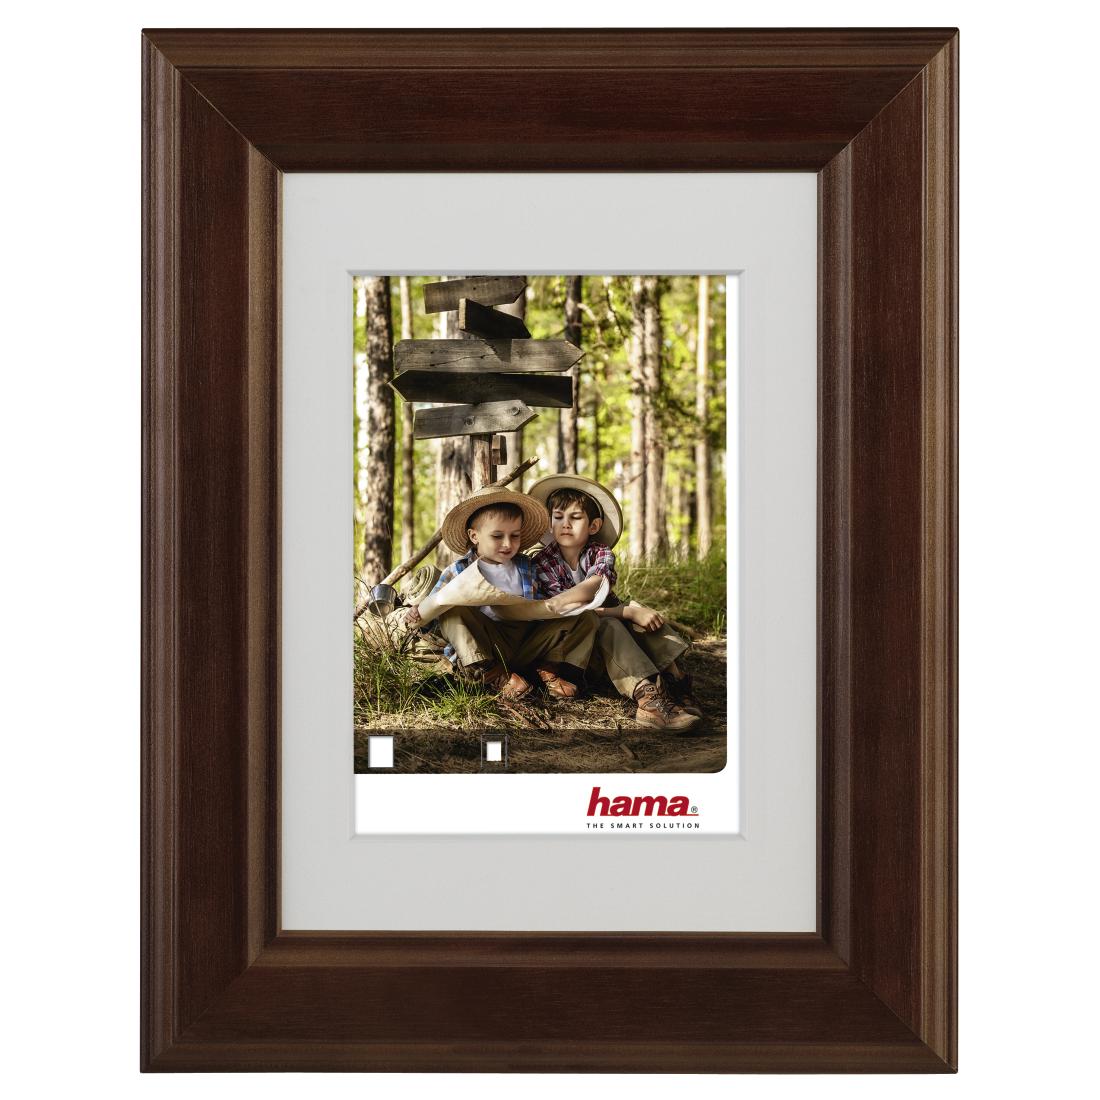 00126276 Hama Iowa Wooden Frame Nut 30 X 40 Cm Hama De